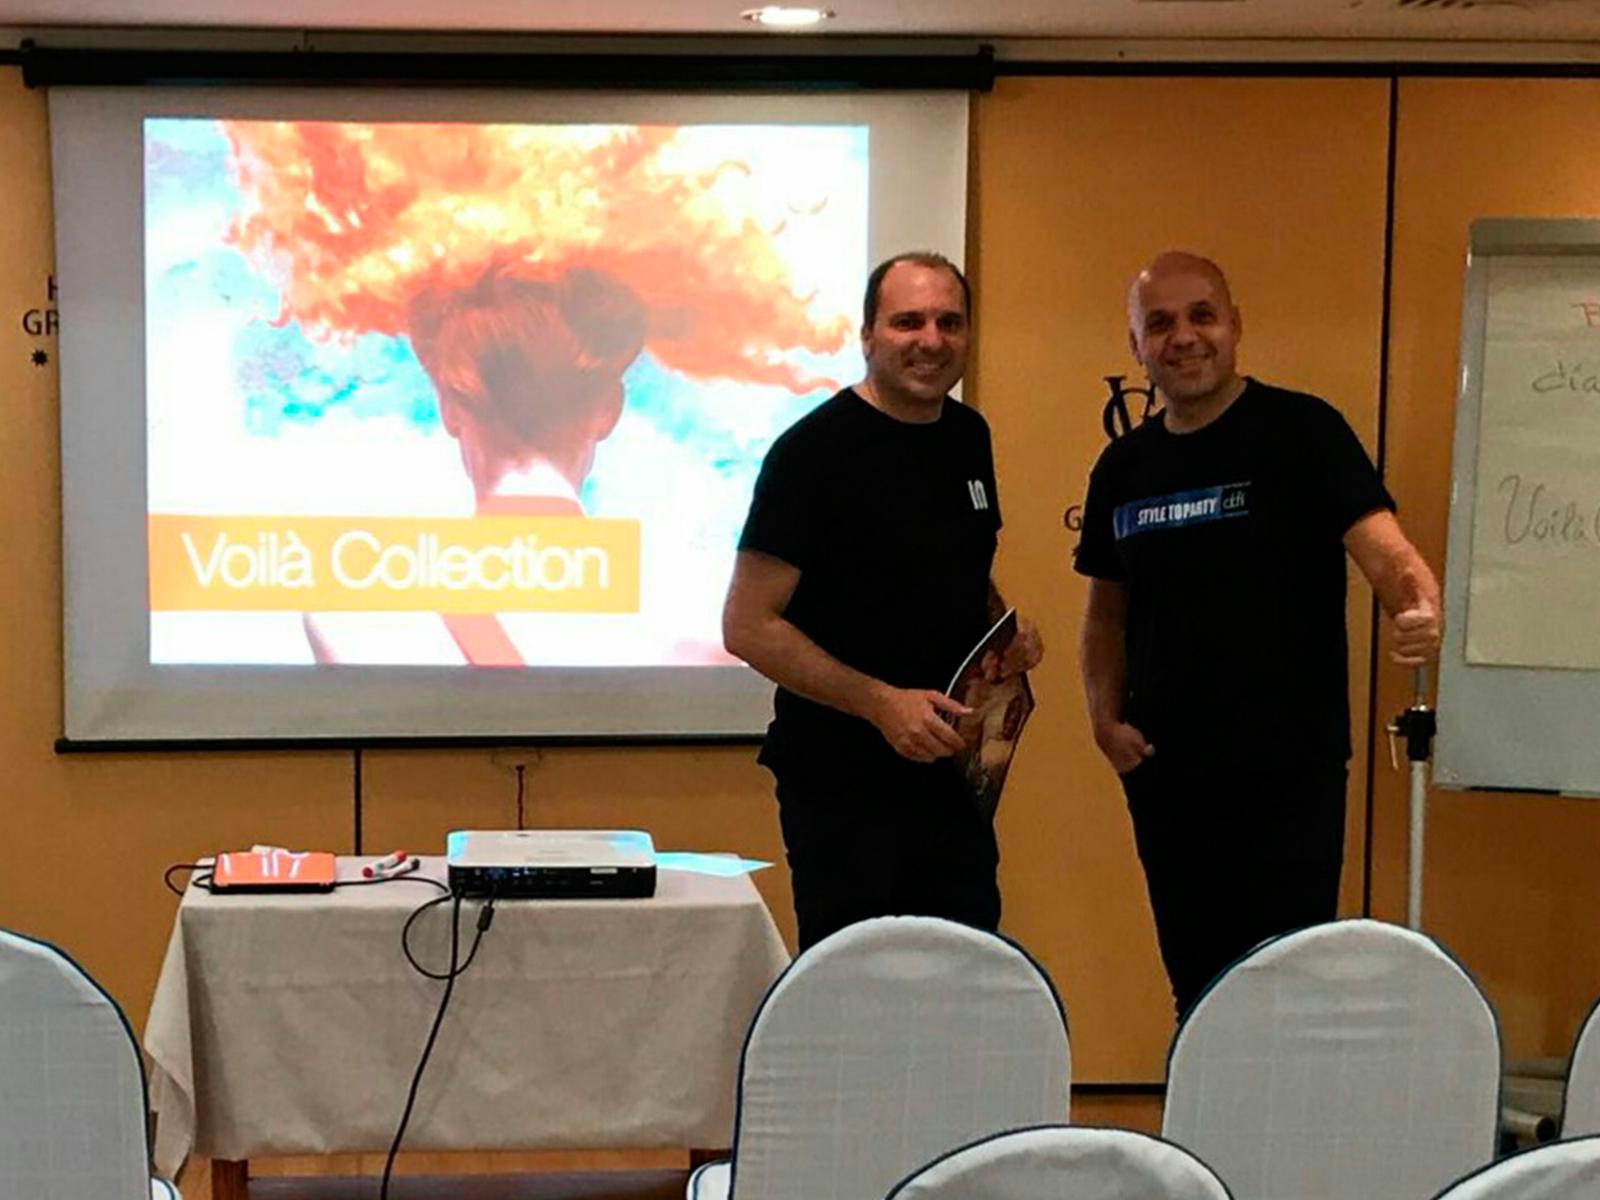 A29 Peluqueros, Colaboración con Intercosmo